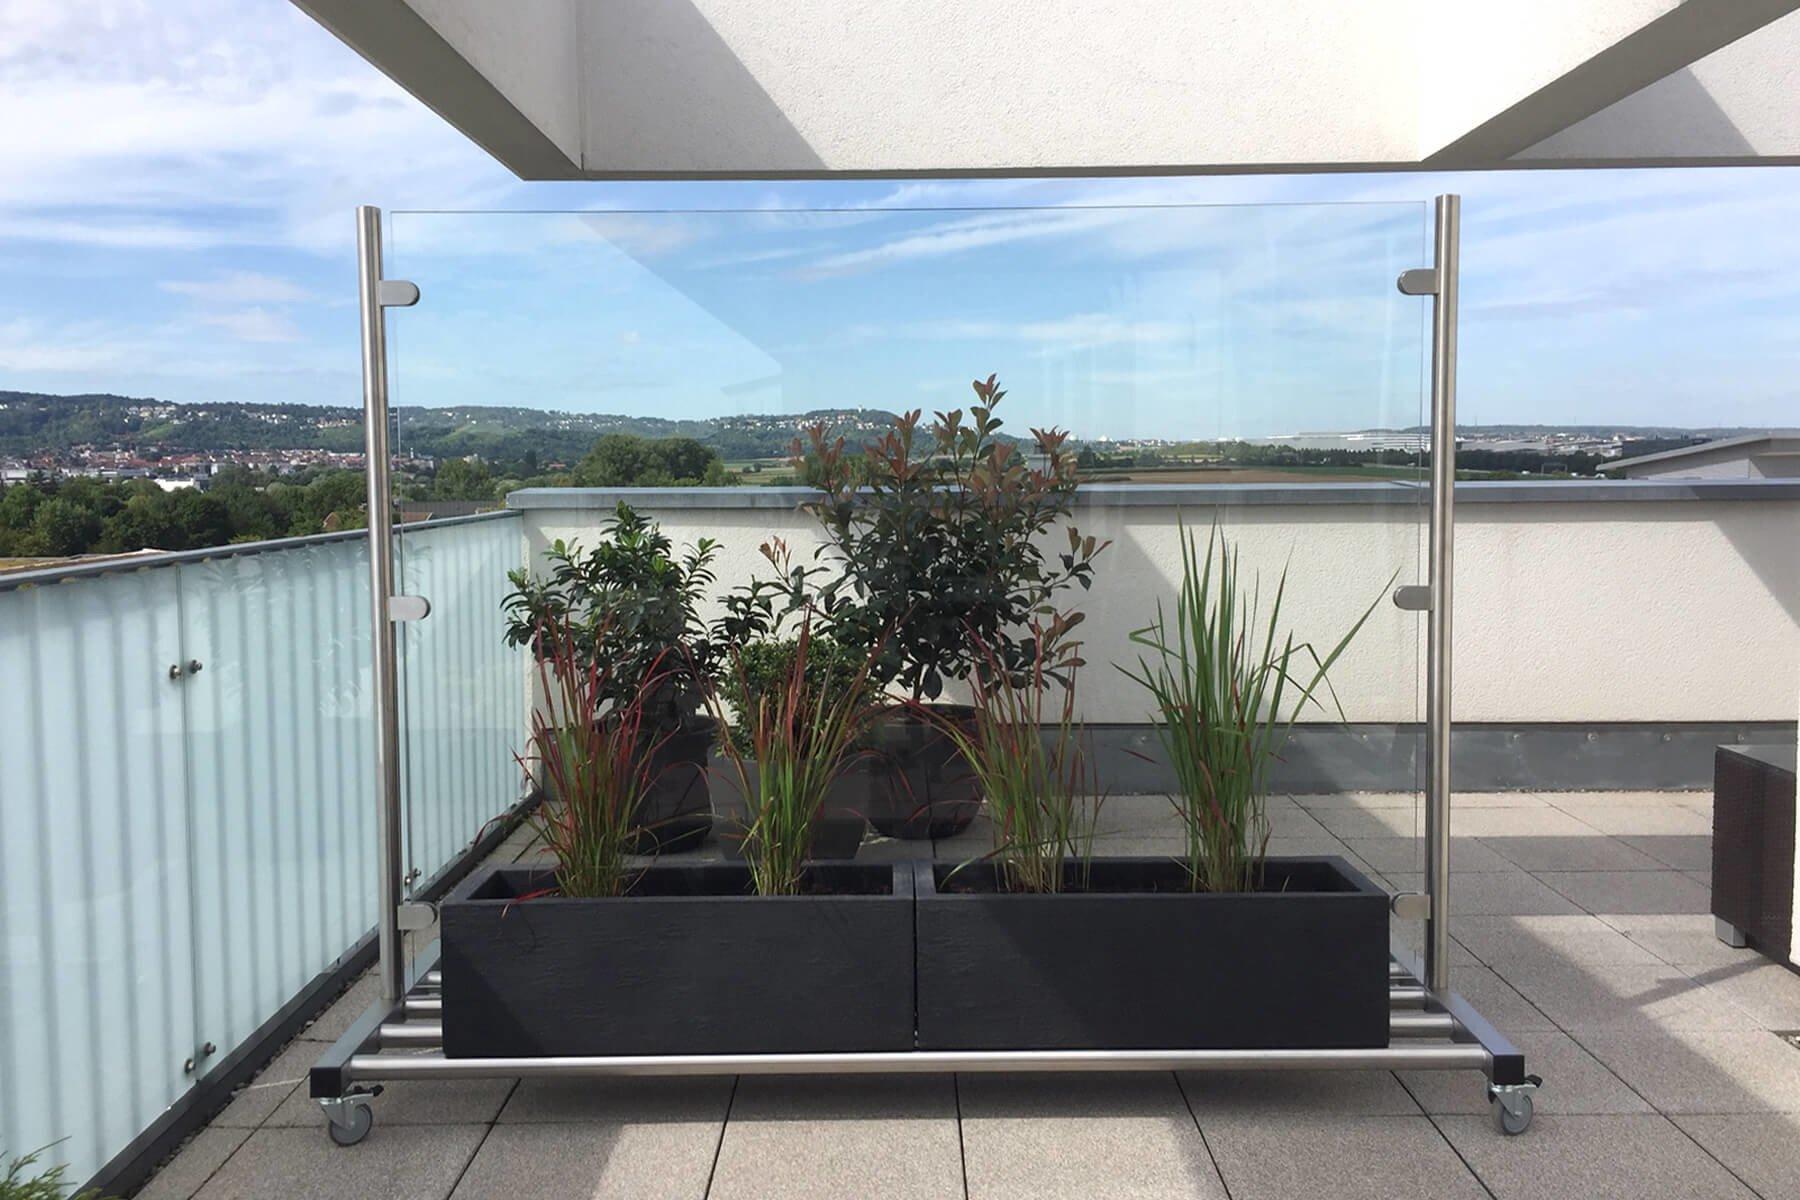 Windschutz rollba auf Rollen ideal für Garten Terrasse oder Balkon mit Ablagefläche